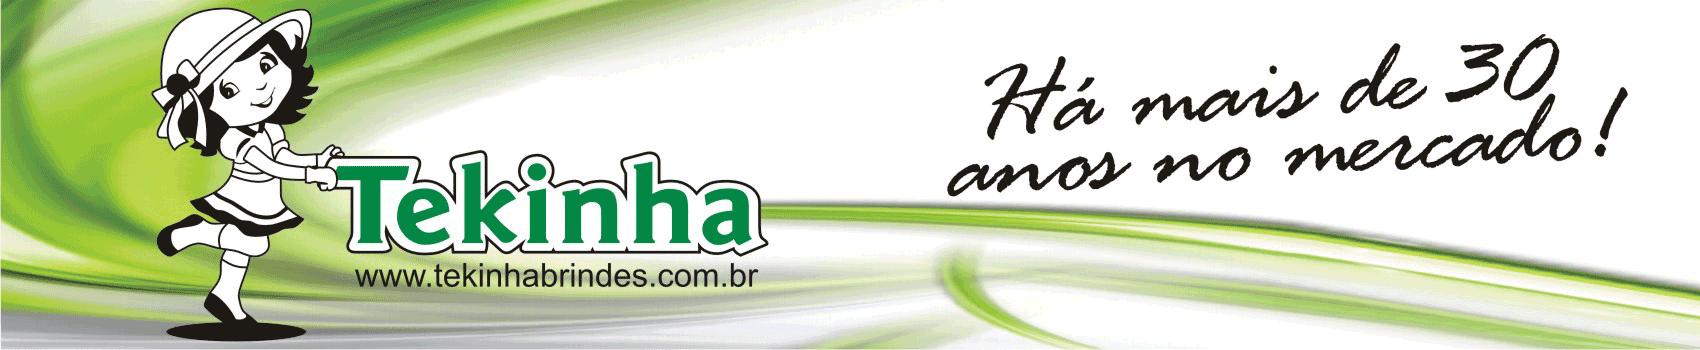 Tekinha Brindes